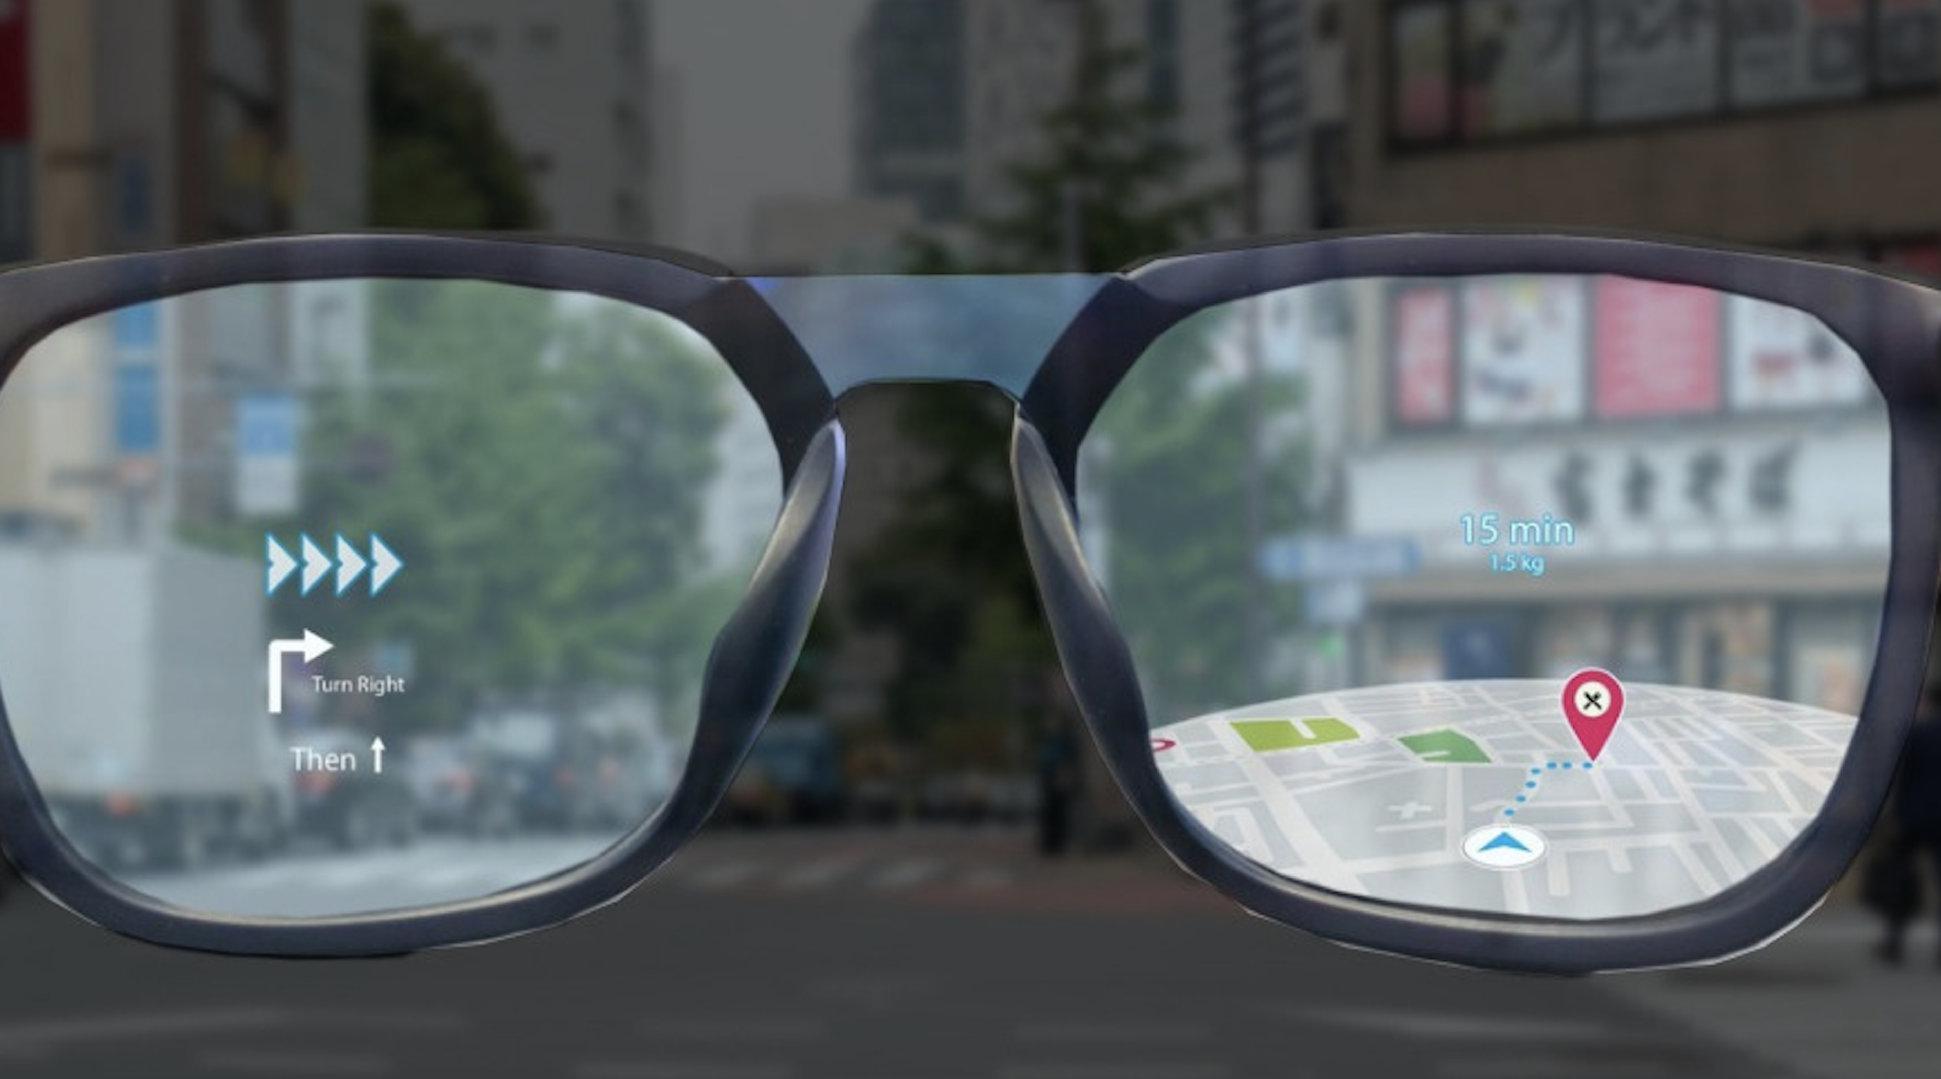 瞄准LiDAR!曝苹果AR眼镜新专利有望用上激光雷达扫描仪